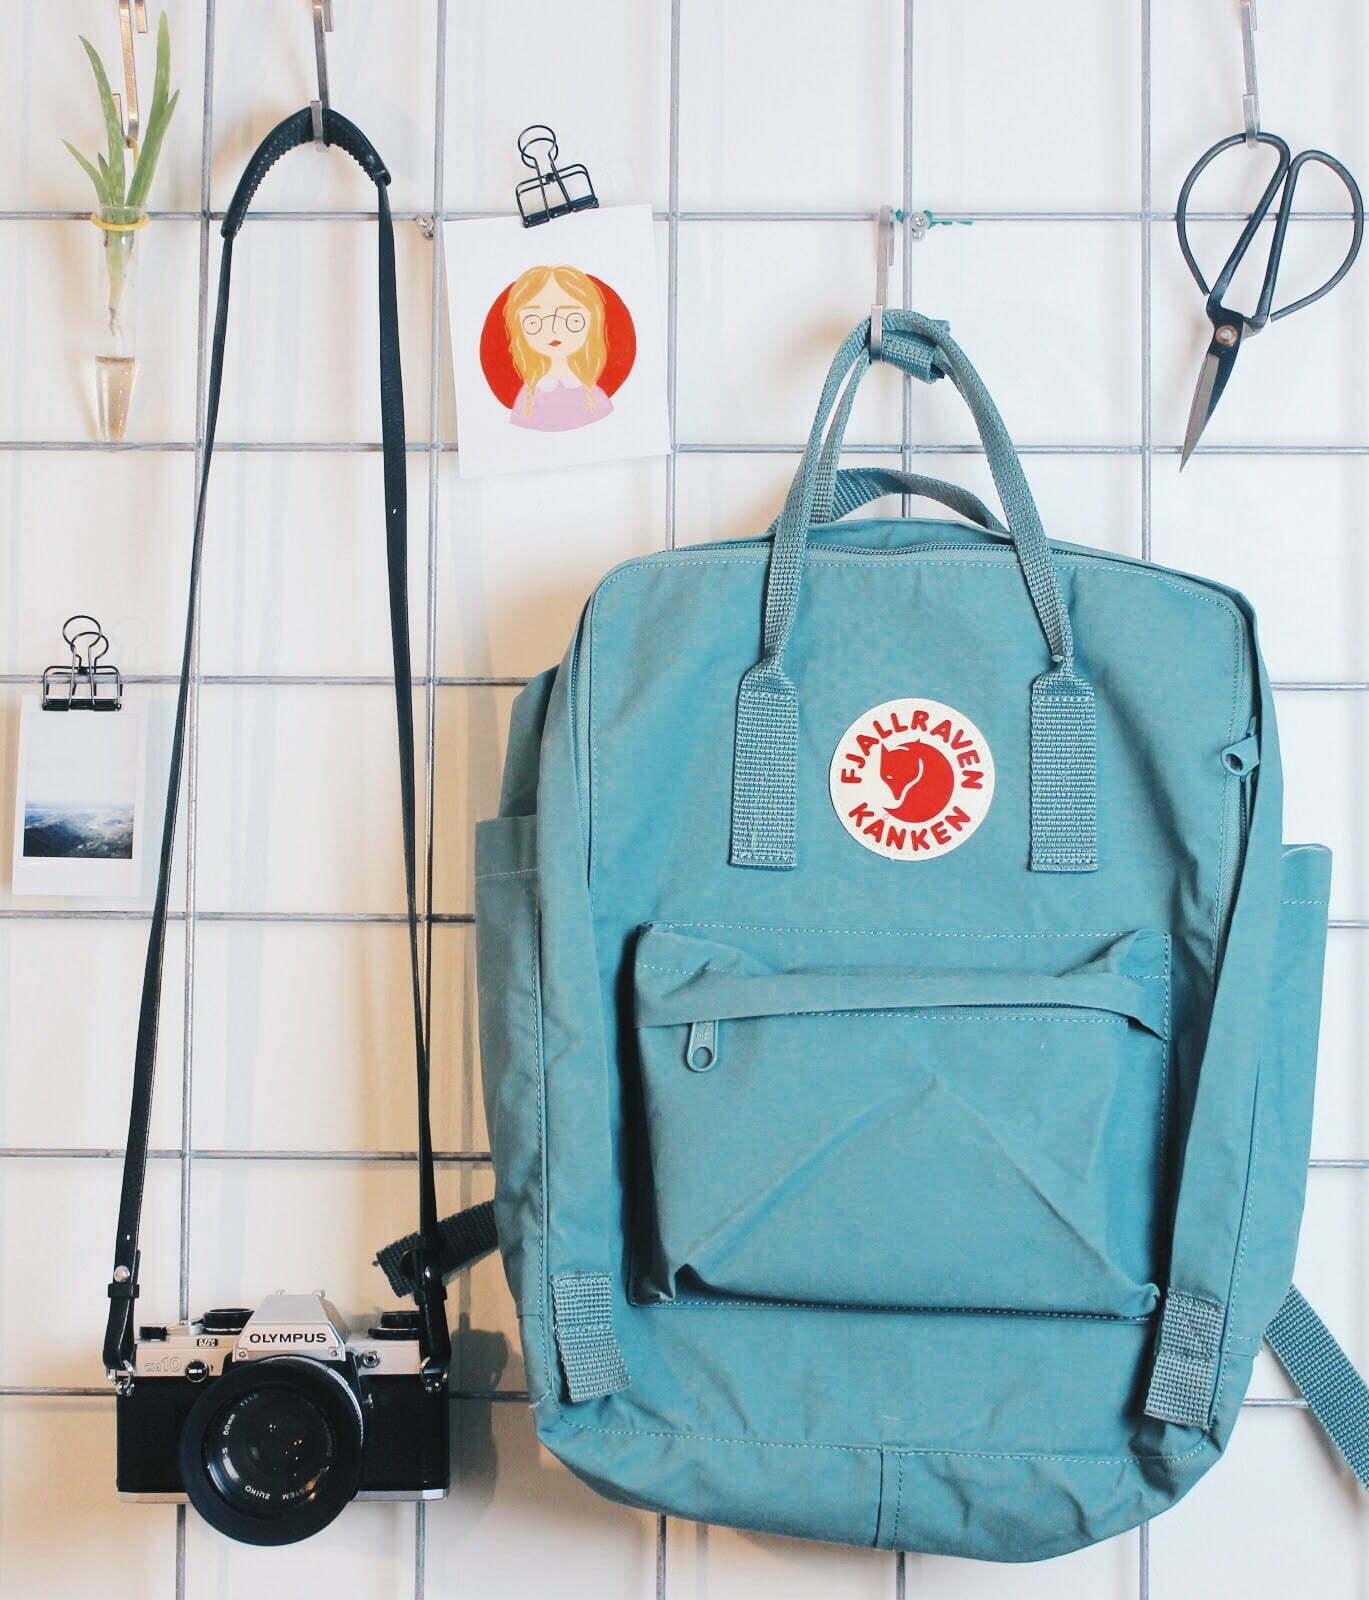 95db00e30a1 Van Duifhuizen tassen en koffers mocht ik een uitzoeken tas uitzoeken om te  reviewen. Ik wist vrijwel meteen zeker dat ik zou kiezen voor een Fjällräven  tas ...